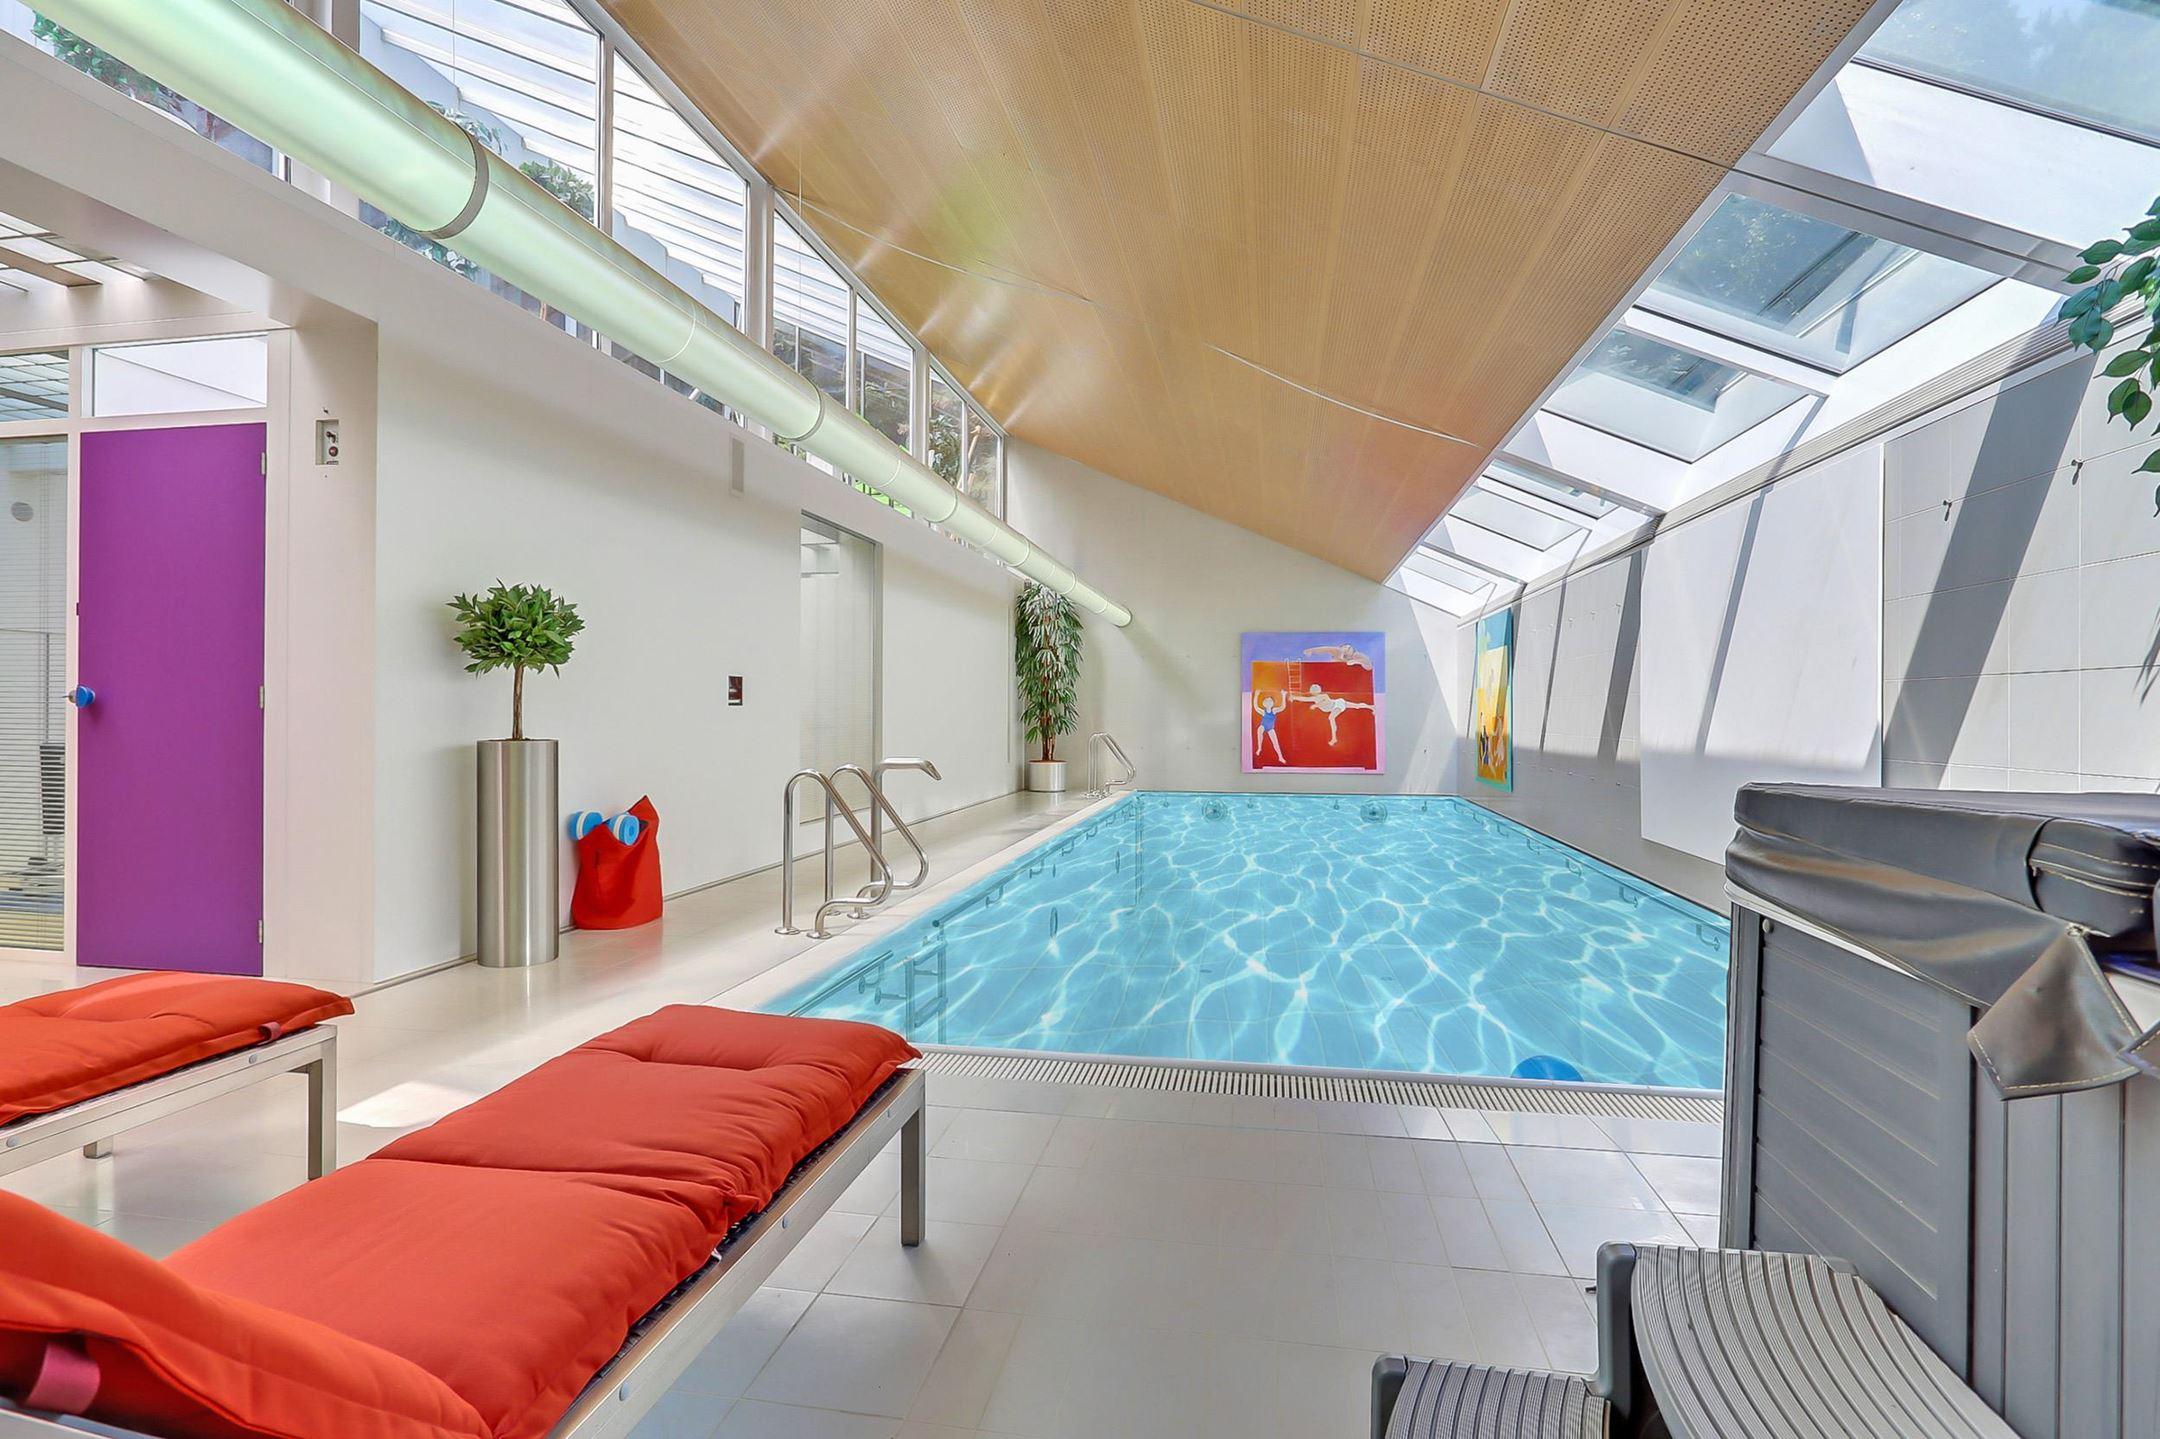 Zwembad In Huis : 5x een zomerhuis met zwembad academica